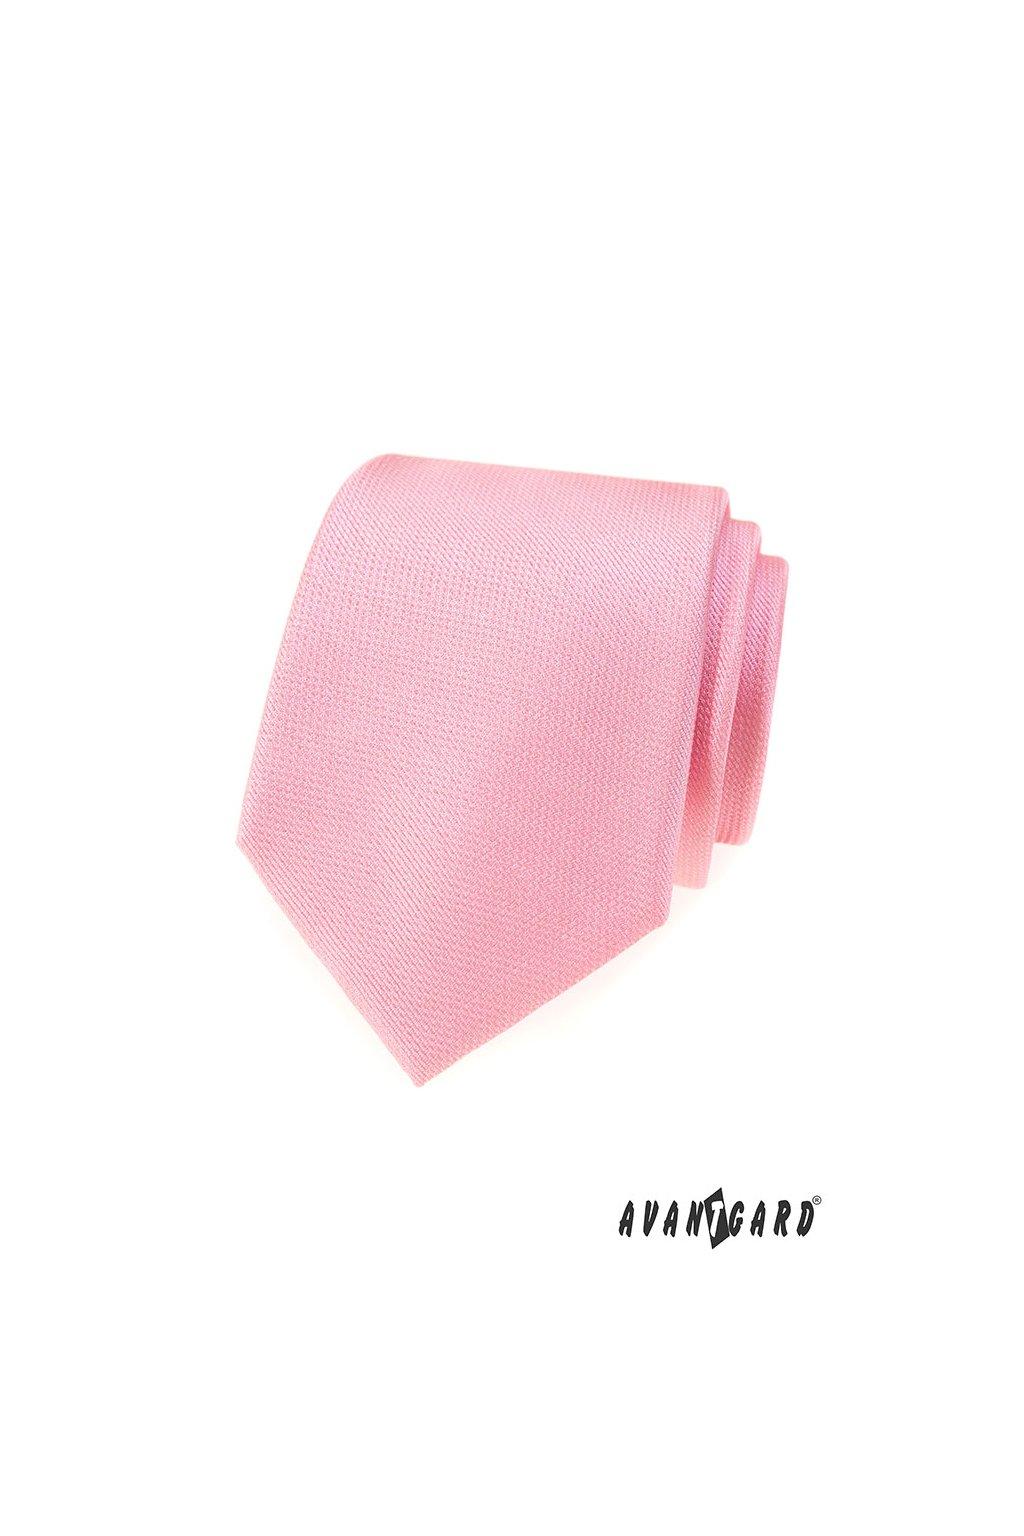 Kravata LUX růžová 561 - 81281